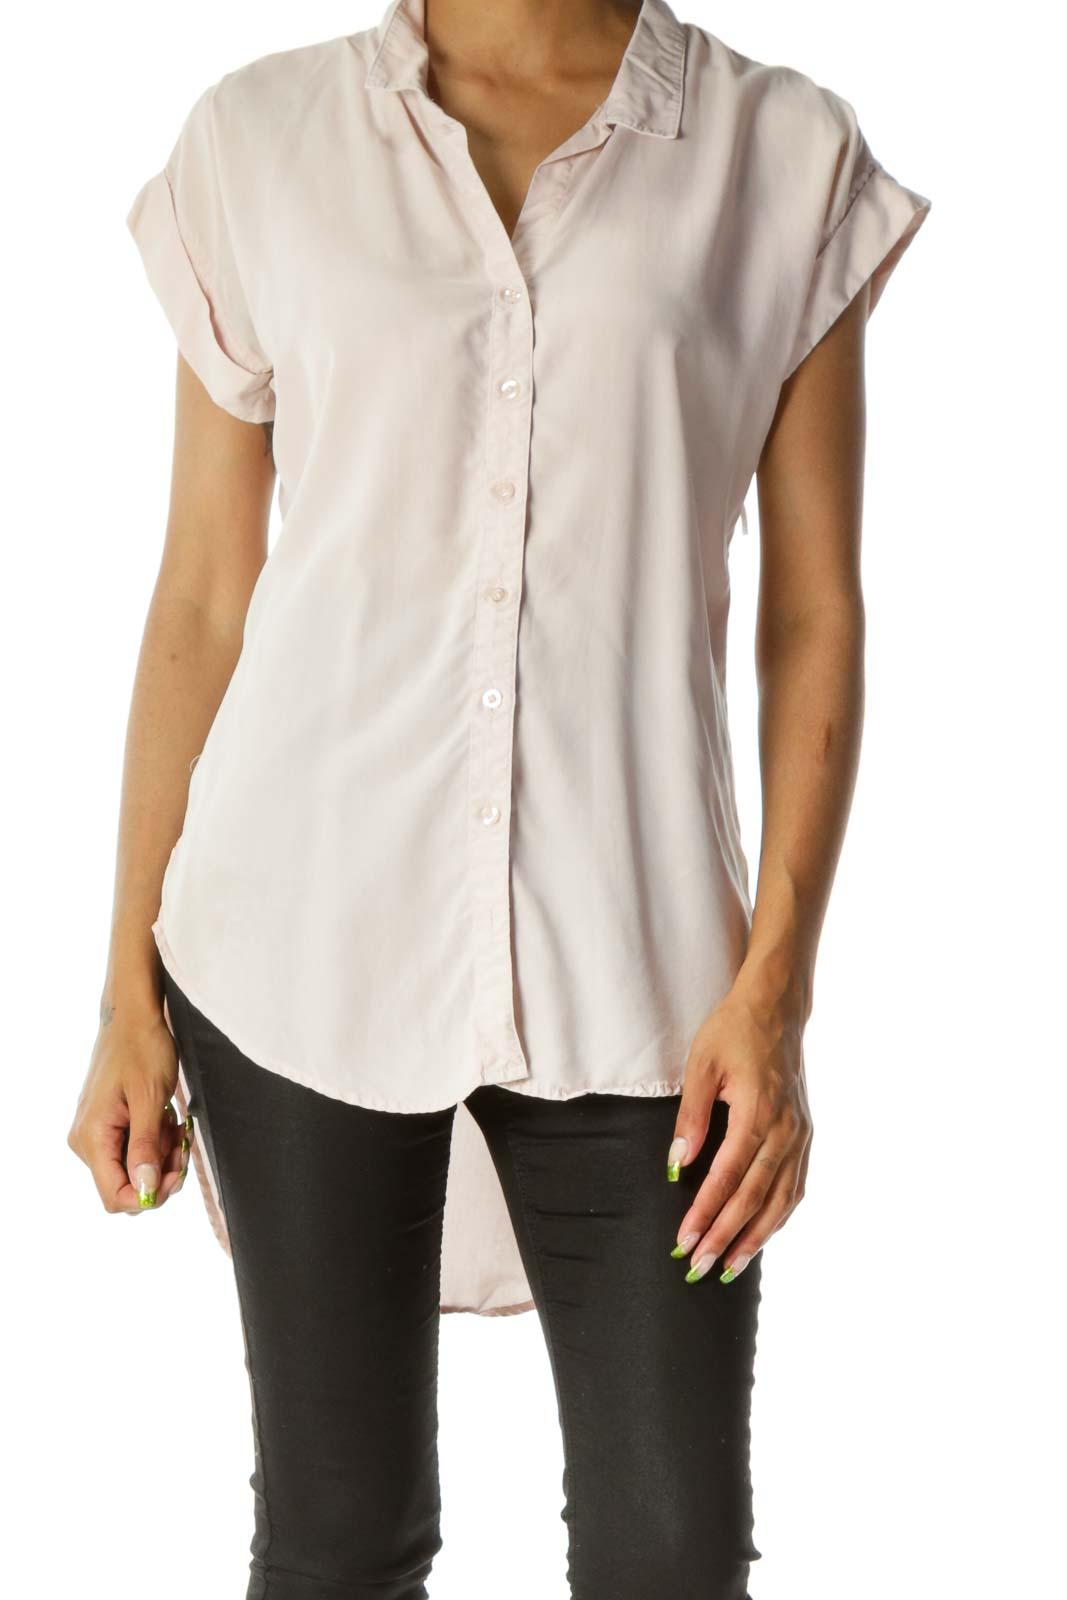 Light Pink Buttoned Short Sleeve Shirt Front